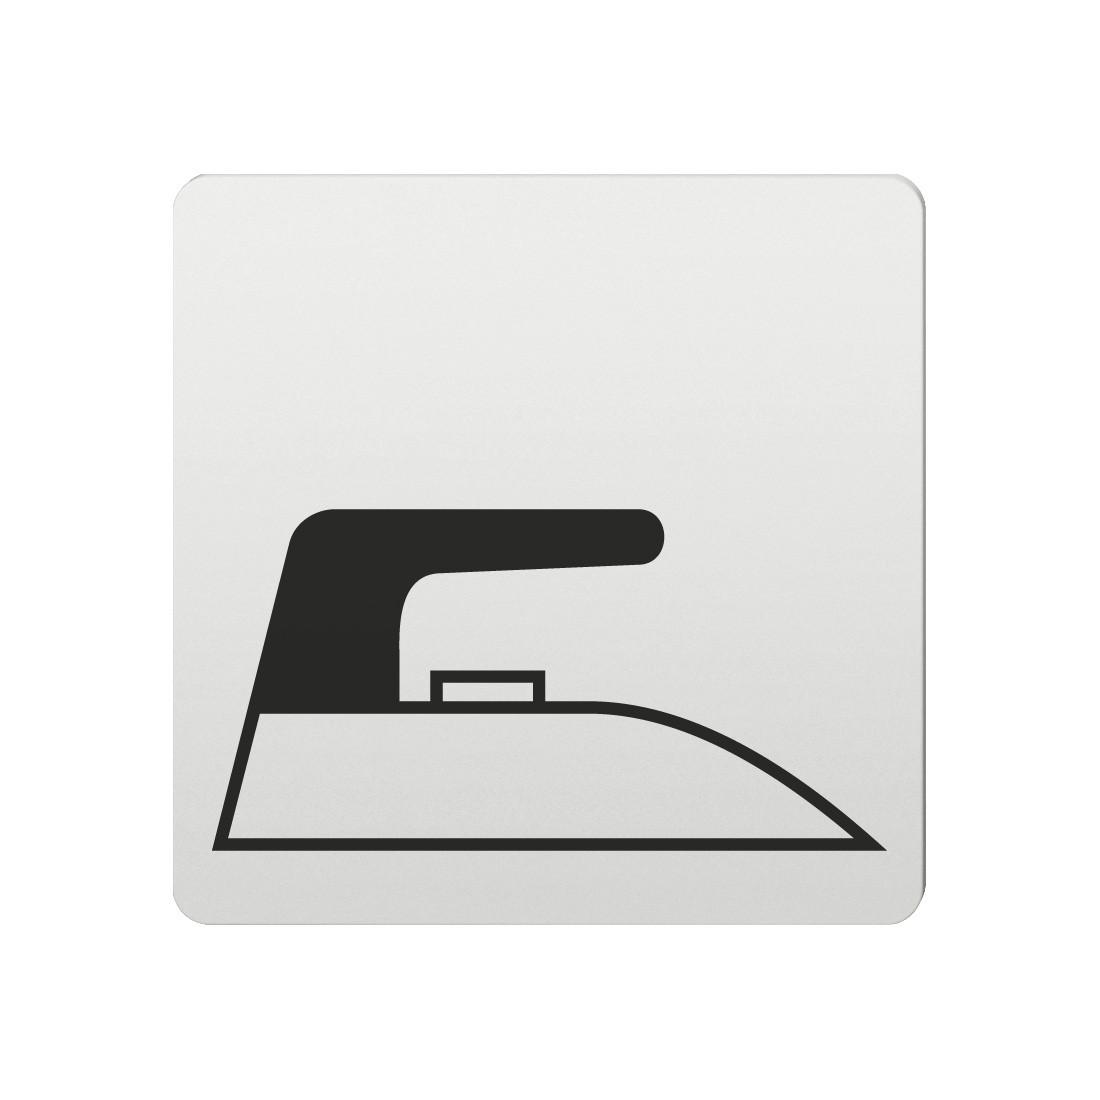 FSB Hinweiszeichen Buegelraum Lasergraviert Aluminium naturfarbig (0 36 4059 00141 0105)